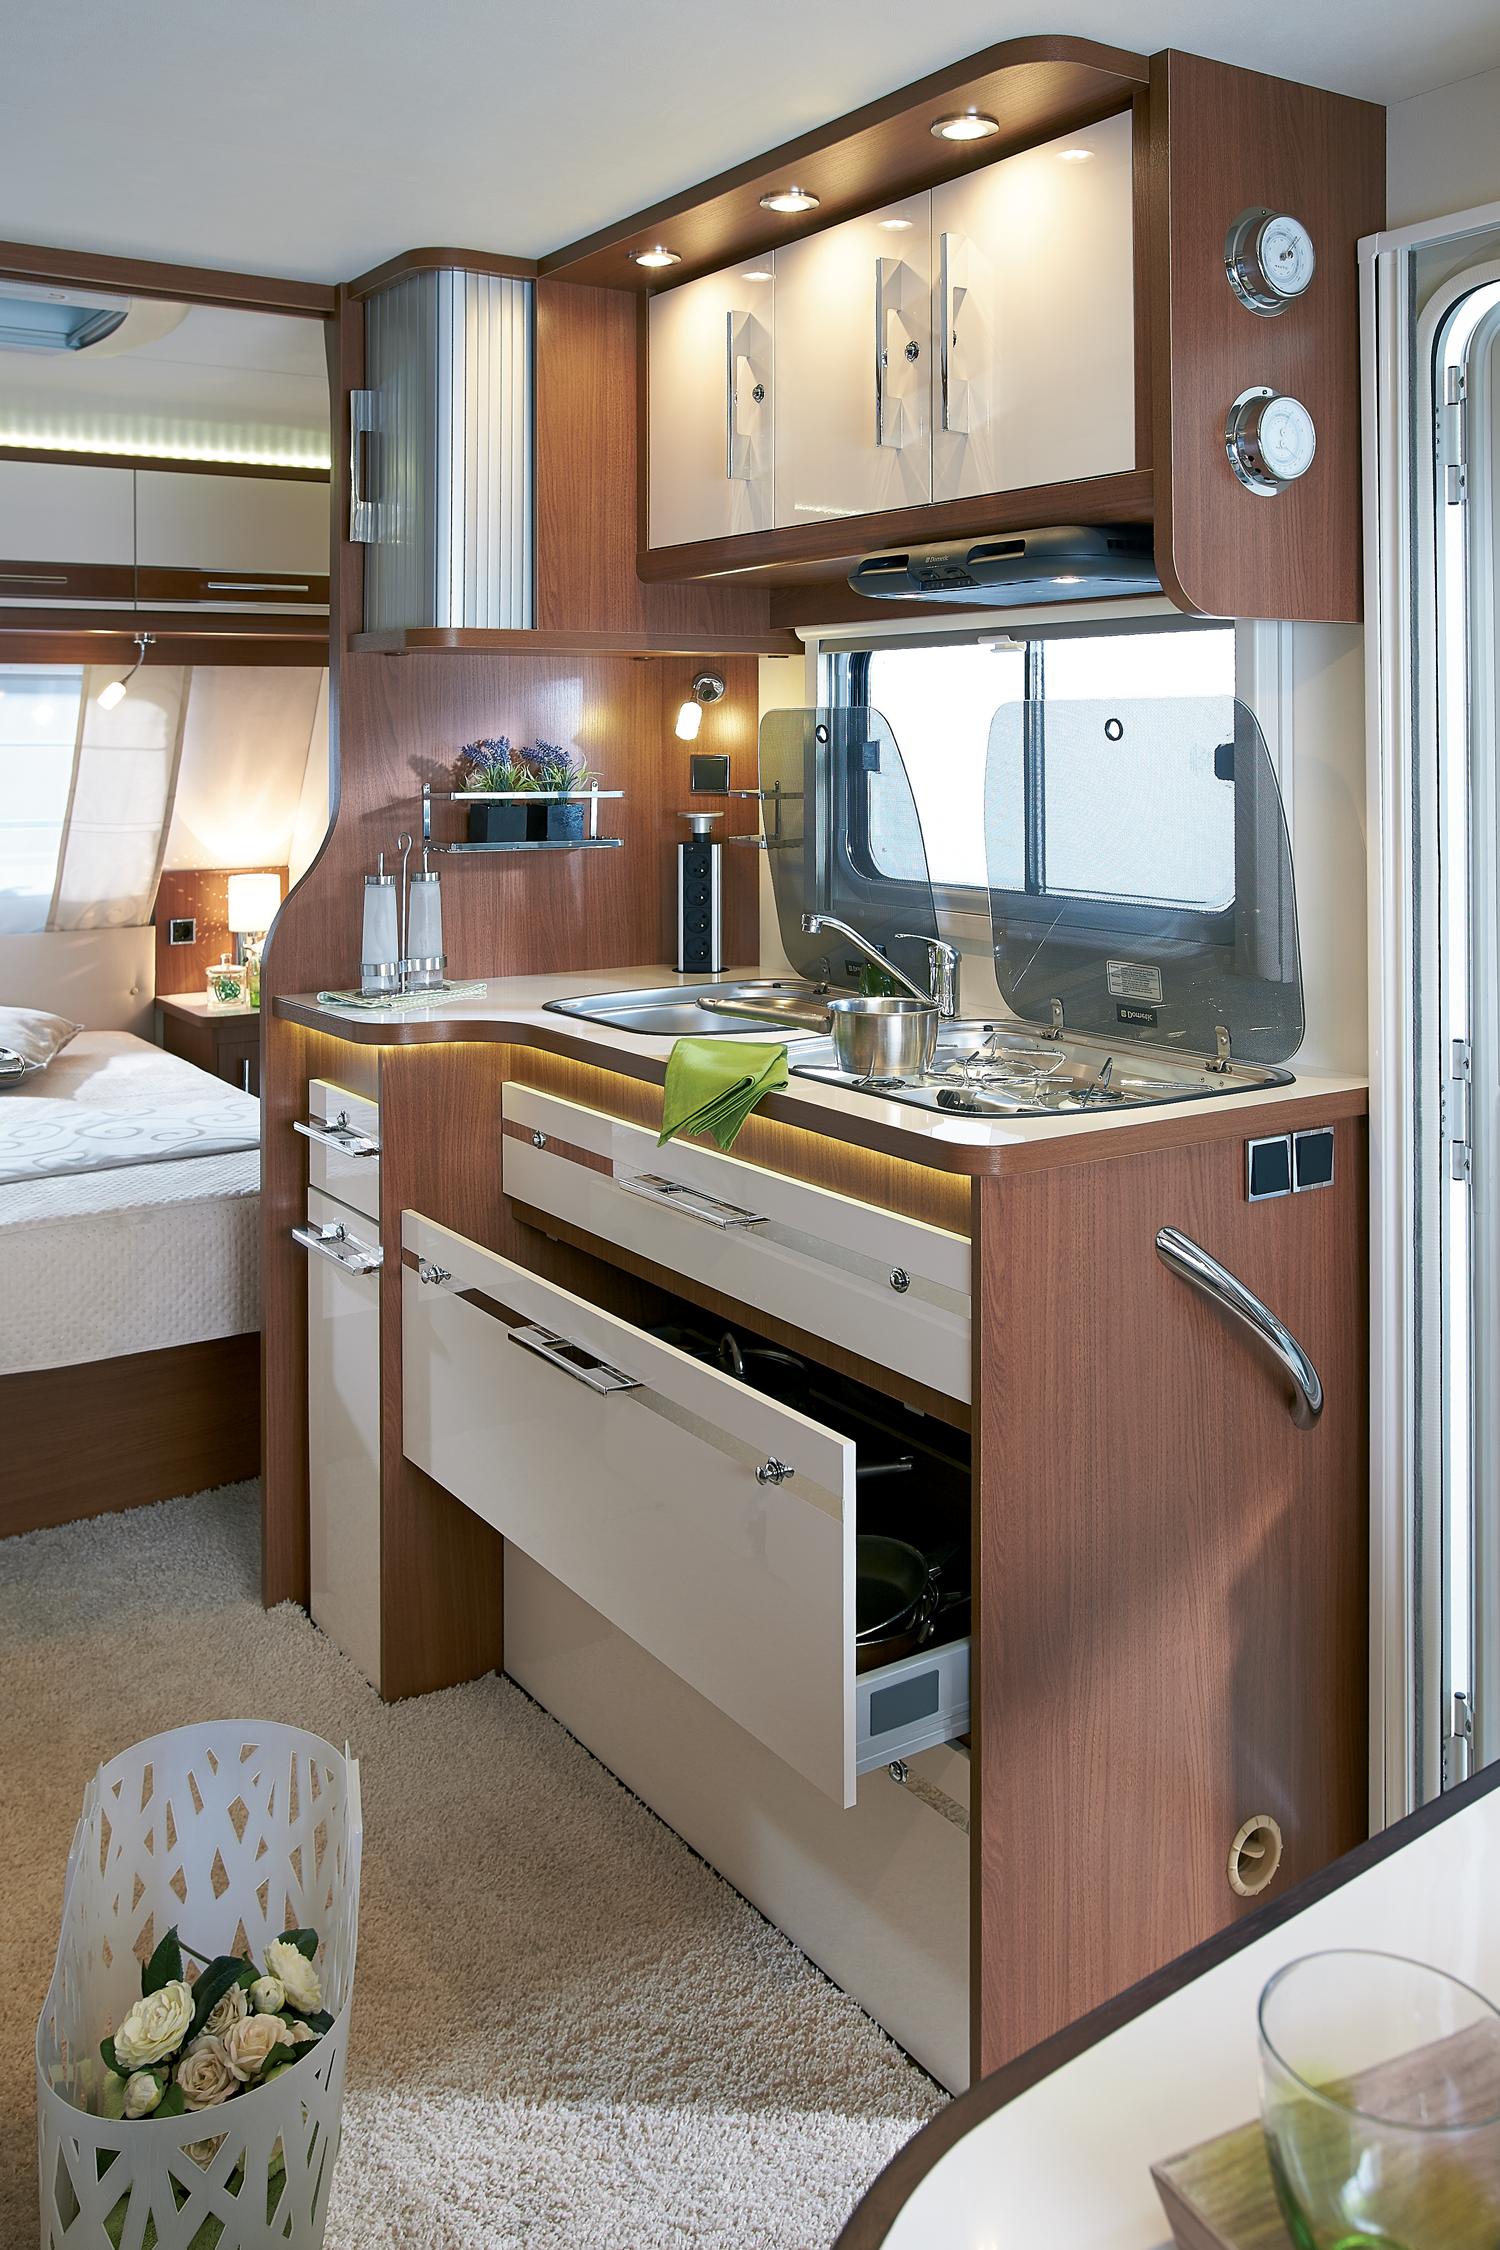 la cuisine toute quip e gamme excellence pinterest cuisine tout quip e caravane et. Black Bedroom Furniture Sets. Home Design Ideas